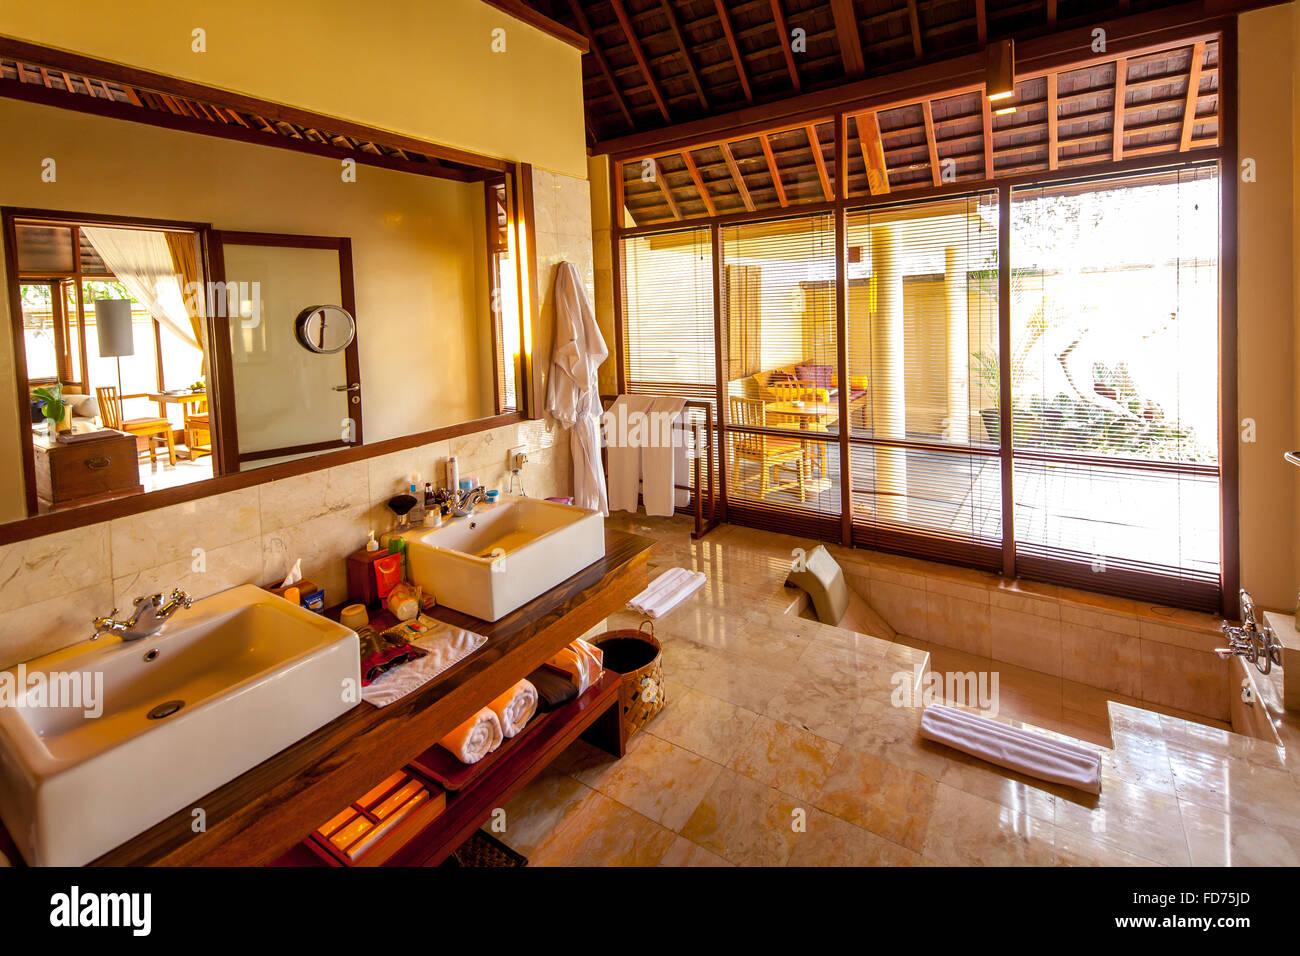 Salle de bains dans un bon hôtel, tourisme, Voyage, Ubud, Bali, Indonésie, Asie Photo Stock